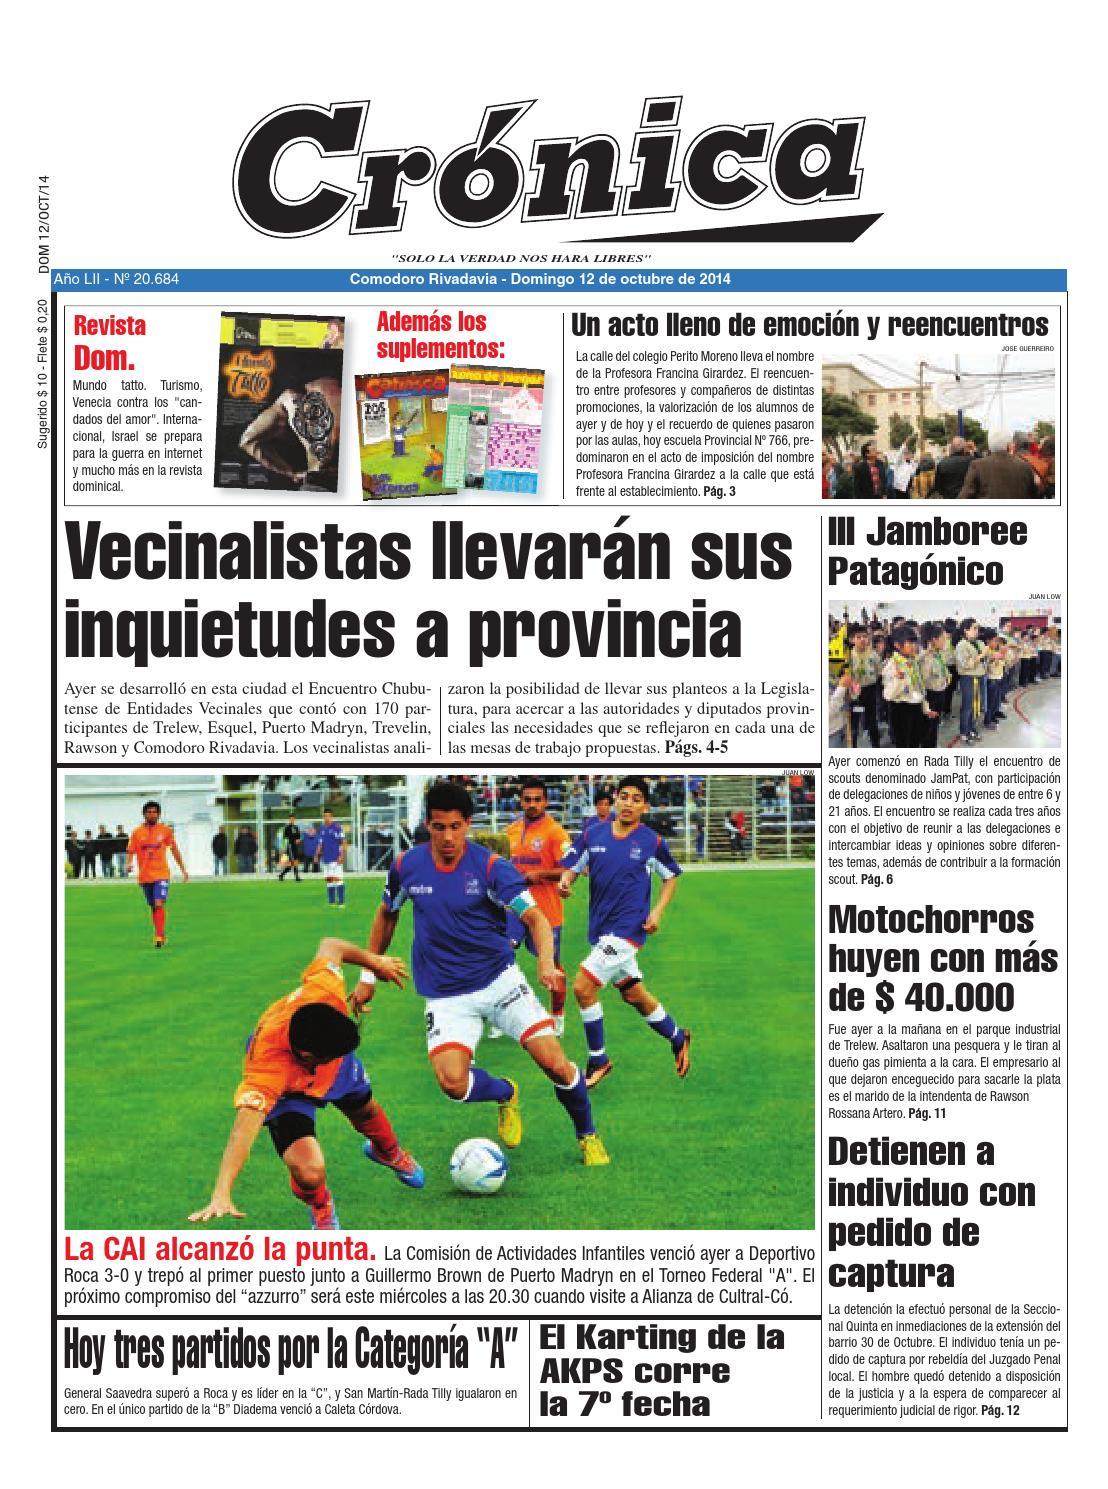 137d90242638a2da0126aff756d69915 by Diario Crónica - issuu